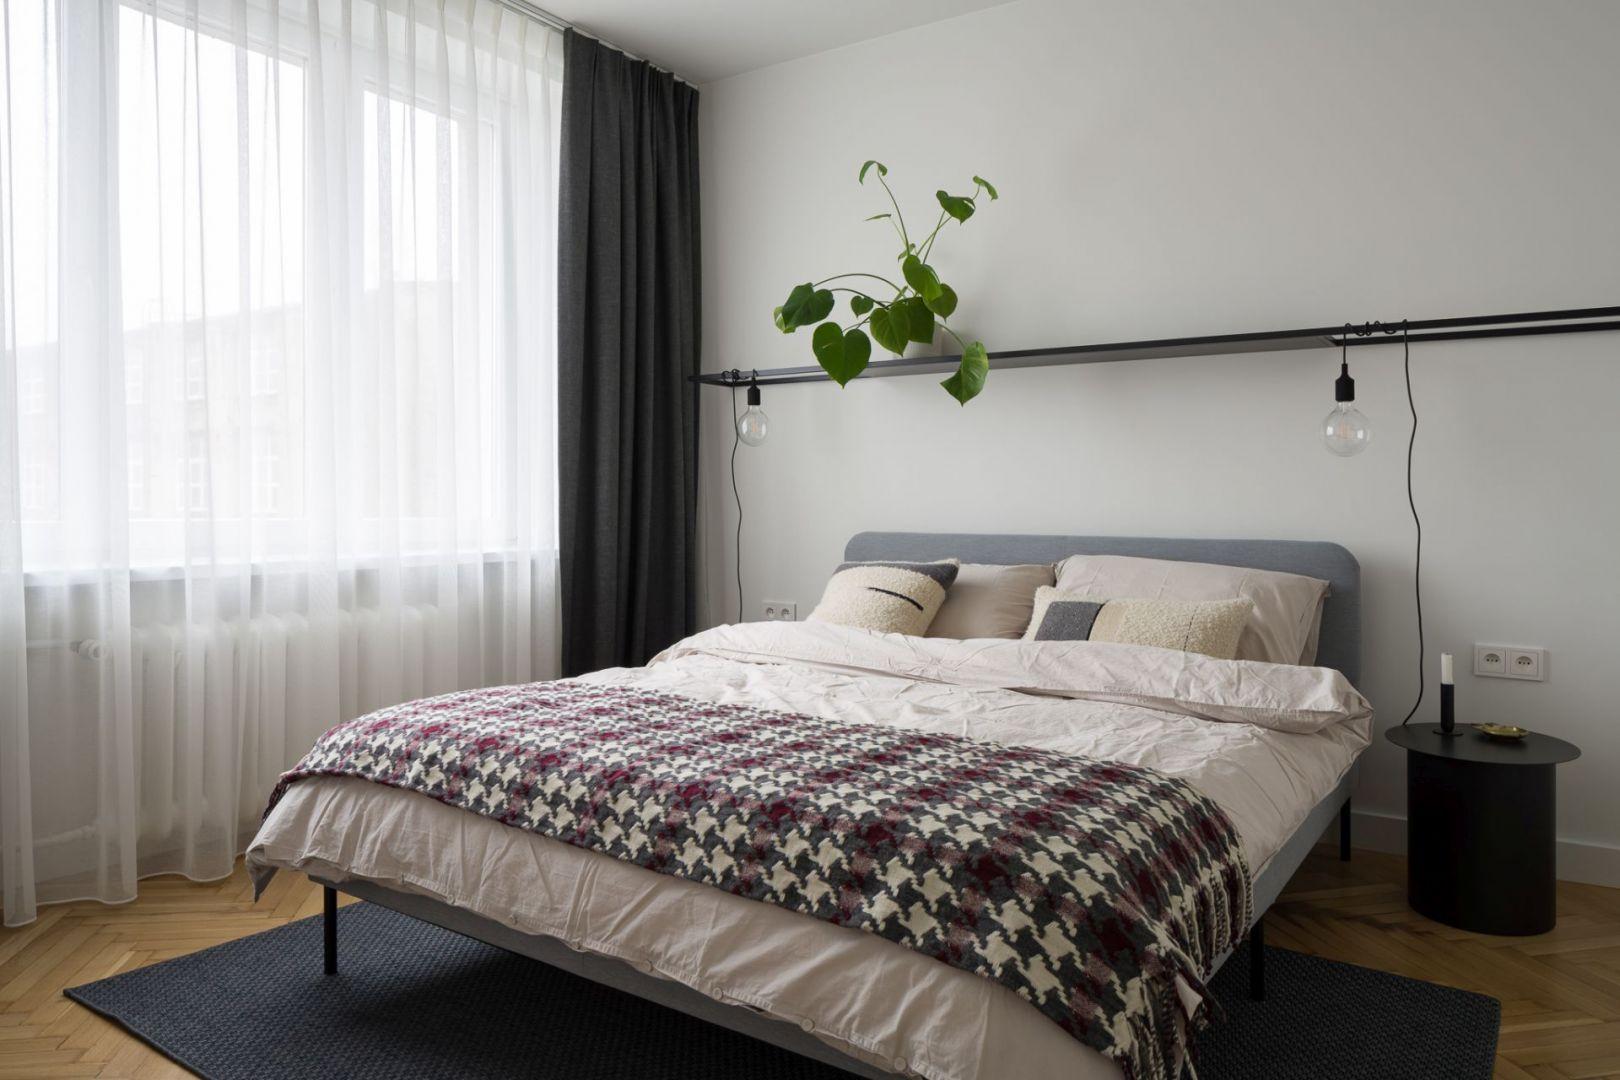 Wygodna, minimalistyczna sypialnia. Projekt: pracowni 3XEL. Fot. Dariusz Jarząbek